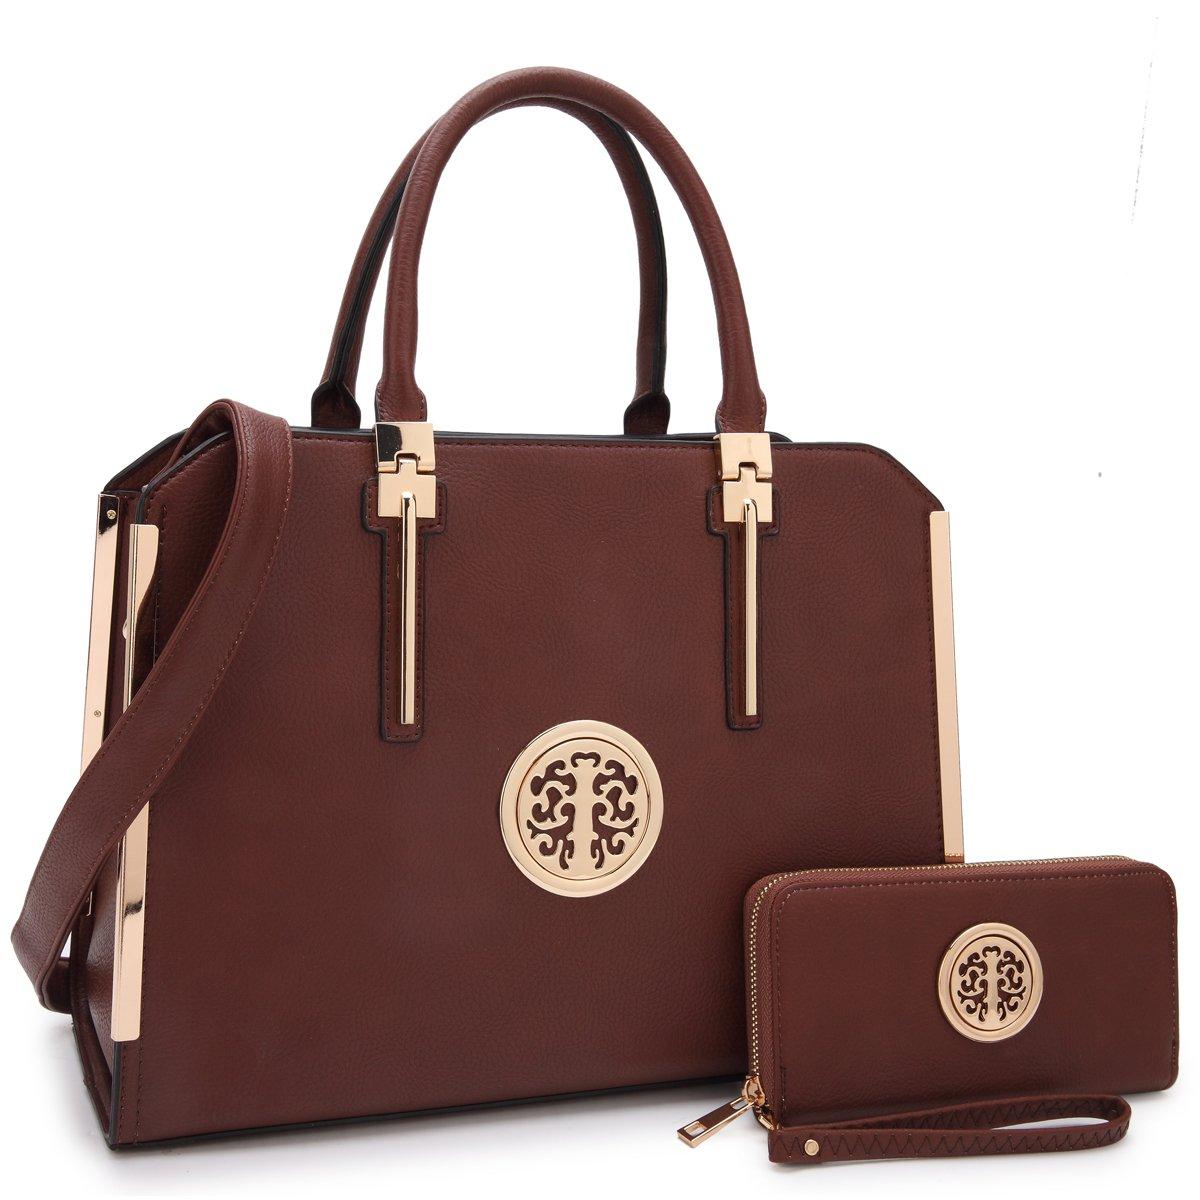 Women Fashion Satchel Handbags with Wallet Designer Purse Large Tote Bag Shoulder Bag for Ladies